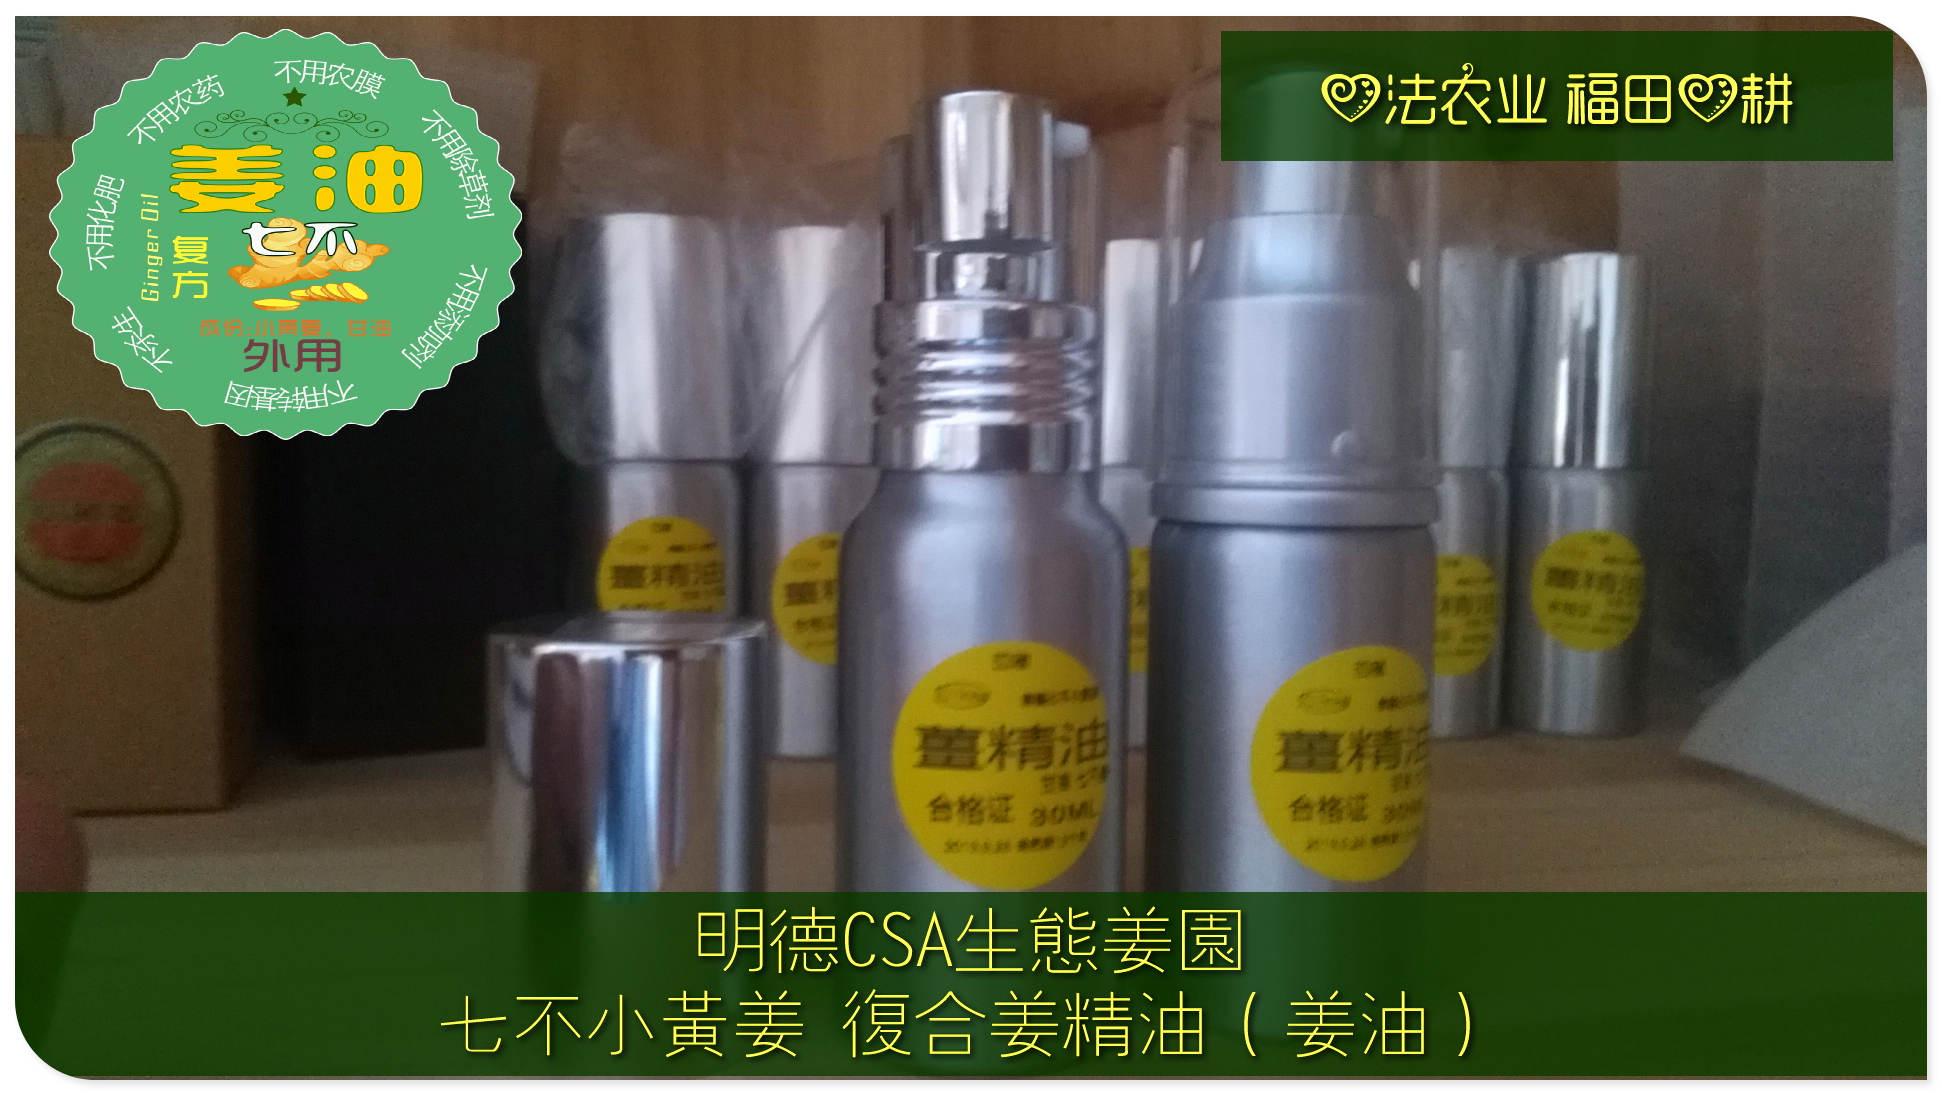 姜油七不姜复方精油 姜艾油 外热源 保湿外用美容护肤按摩解症消状 商品图11